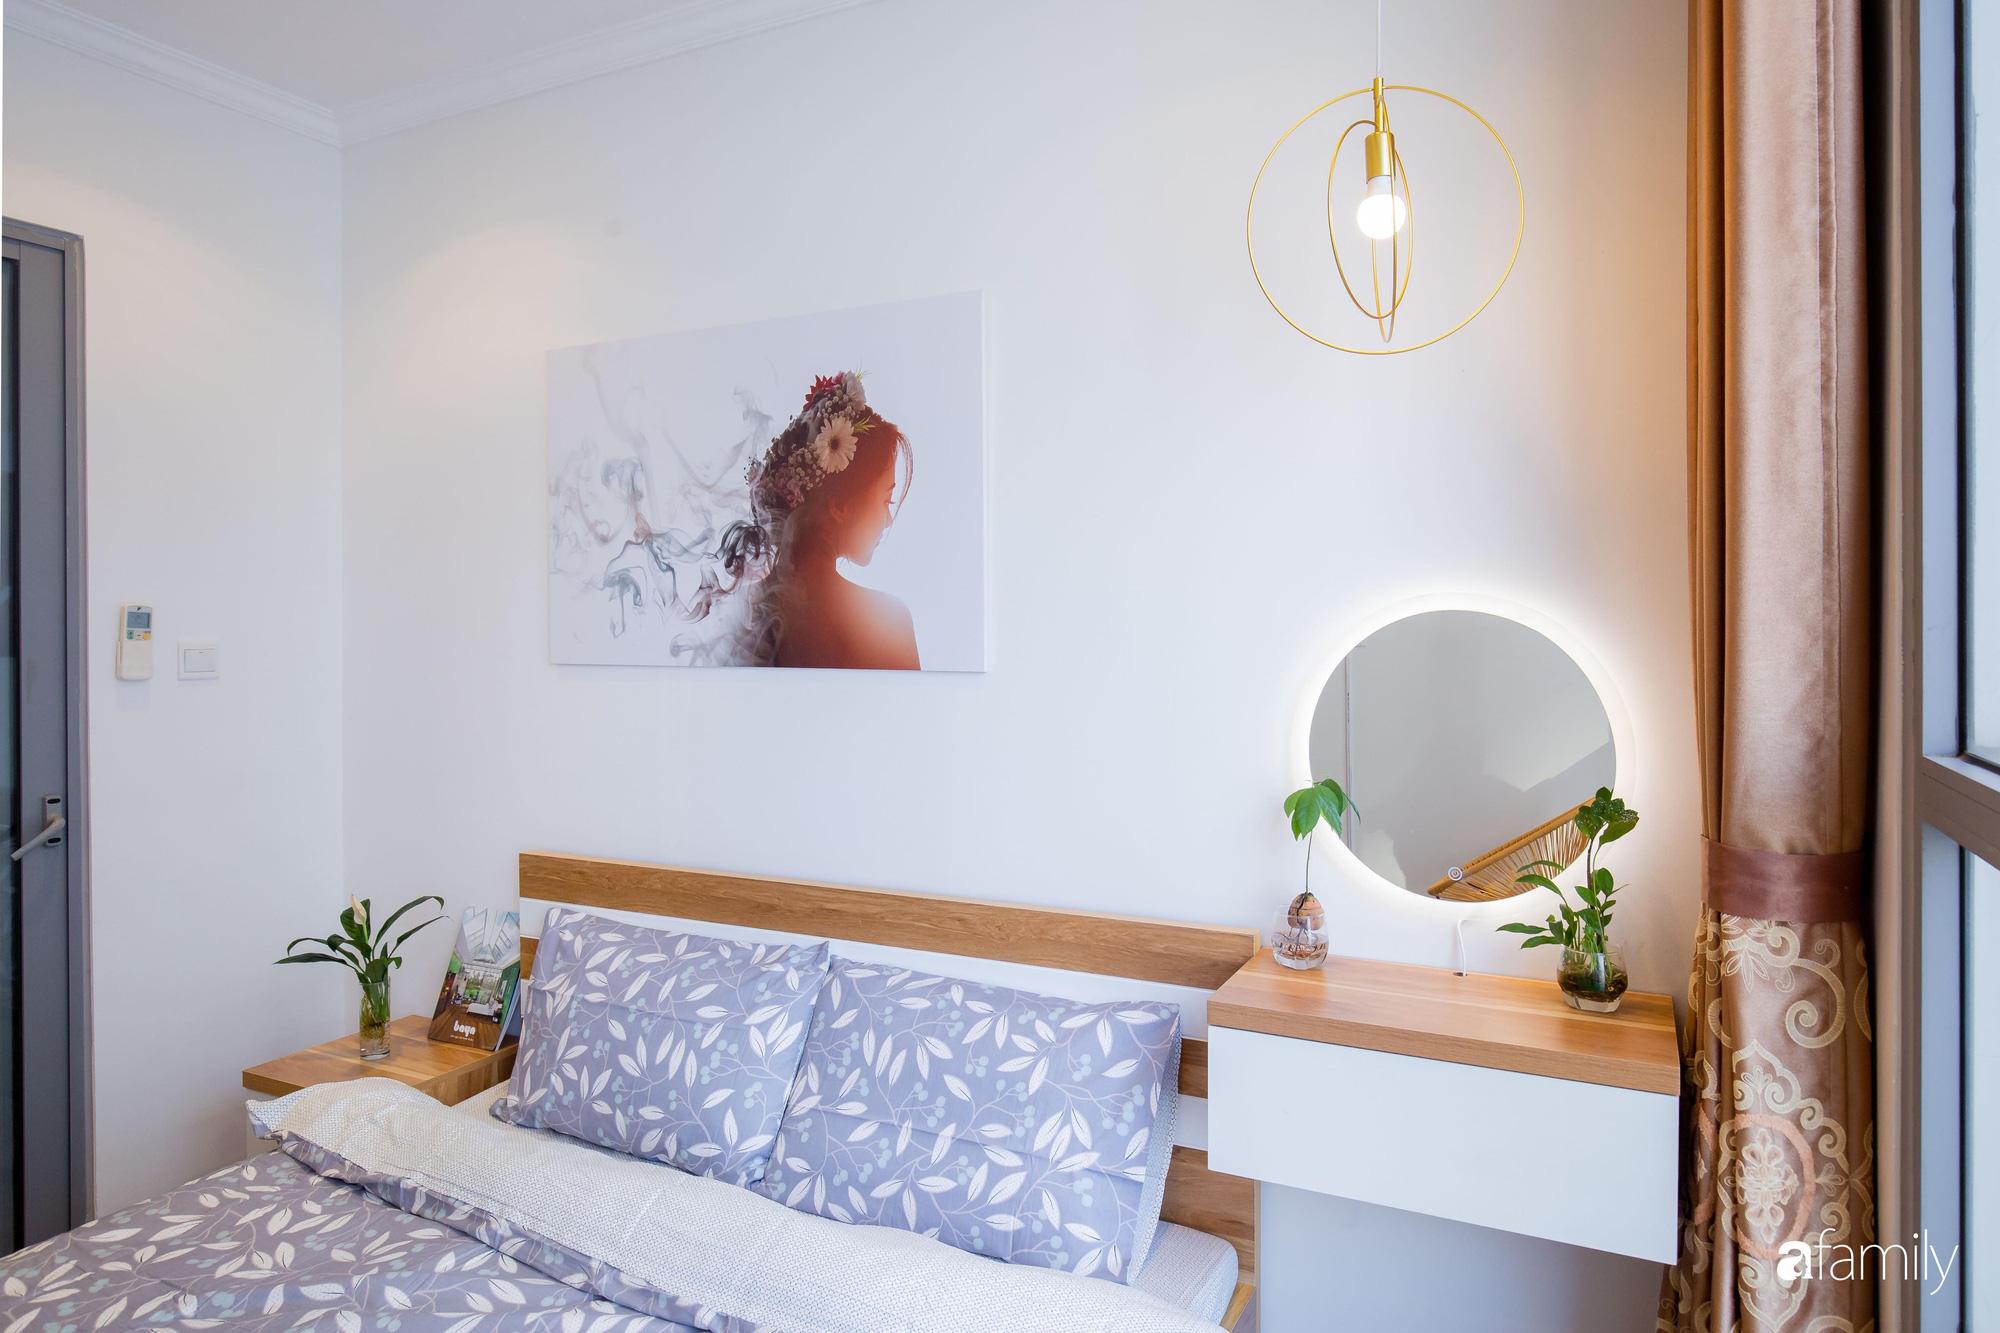 Thiết kế đơn giản với nội thất tiện nghi, căn hộ 53m2 trên tầng cao khiến nhiều người ao ước sở hữu ở Hà Nội - Ảnh 15.